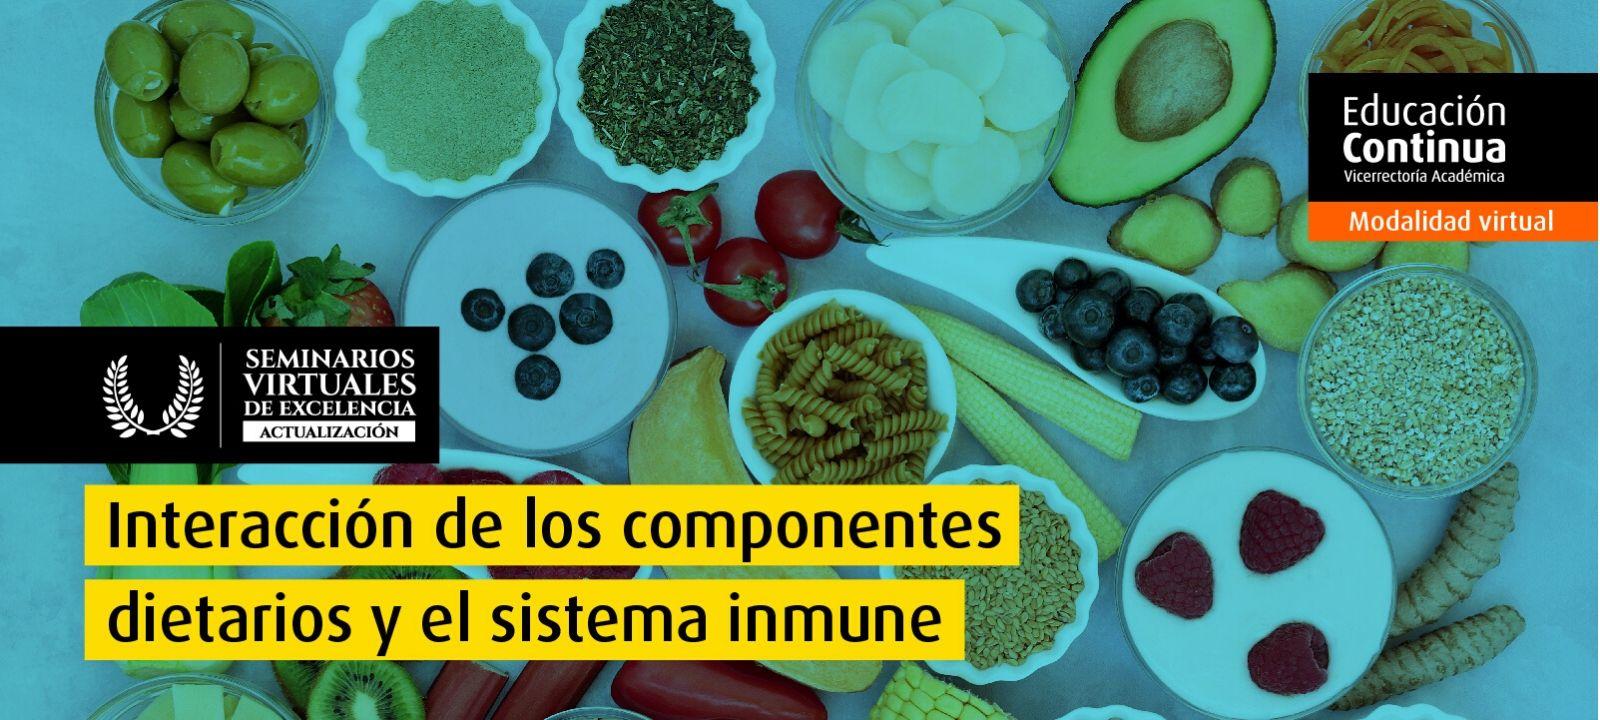 Seminario Virtual de Excelencia - Interacción de los componentes dietarios y el sistema inmune